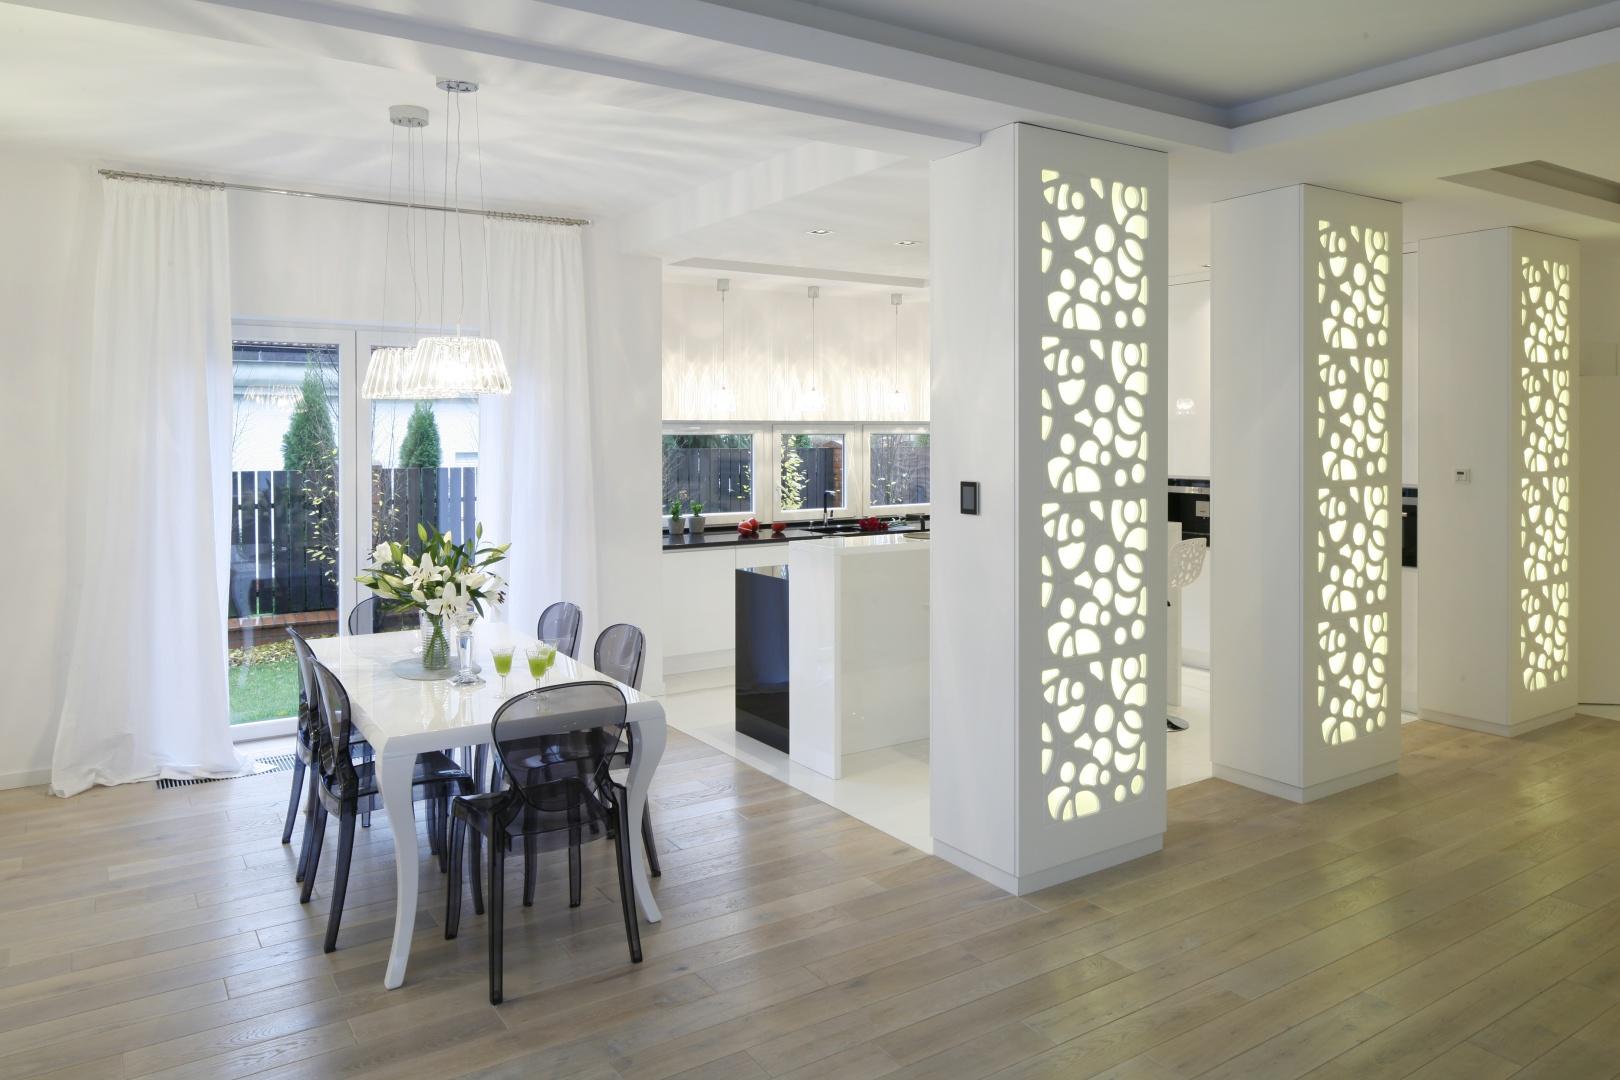 Elegancka i funkcjonalna kuchnia pozwala pani domu na komfortowe przygotowywanie posiłków dla rodziny, ale jest także miejscem relaksu. Julia ceni także minimalistyczny styl wnętrza z subtelnym dodatkiem glamour, który jest jej najbliższy. Fot. Bartosz Jarosz.